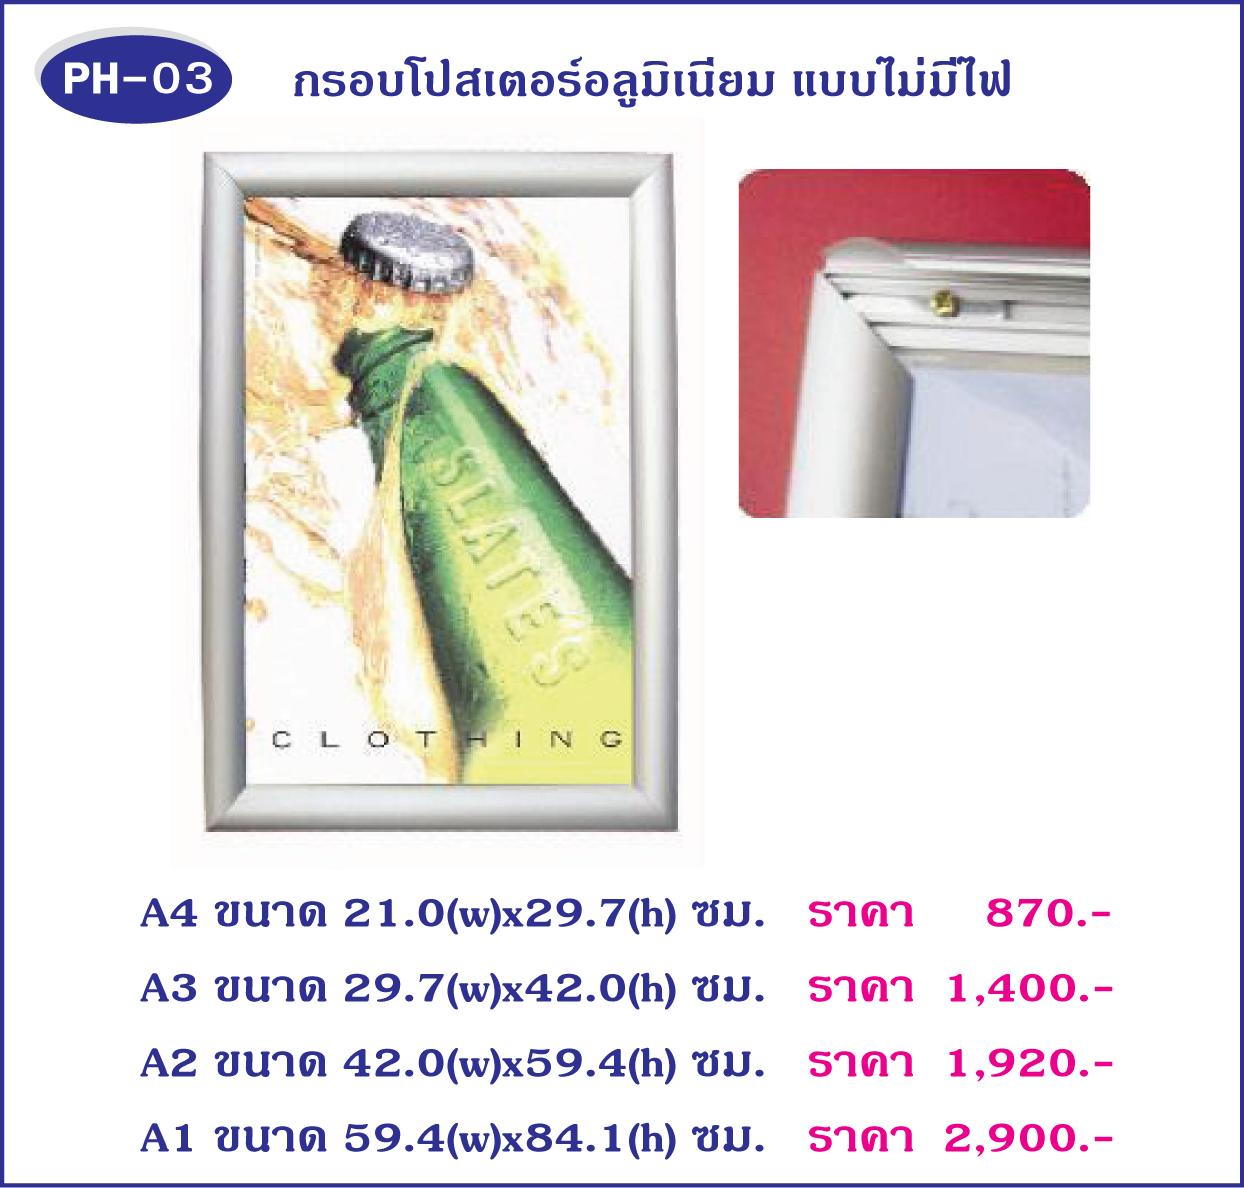 กรอบโปสเตอร์,กรอบใส่ภาพ,เฟรมใส่ภาพ,Poster Frame,Poster stand,PH03